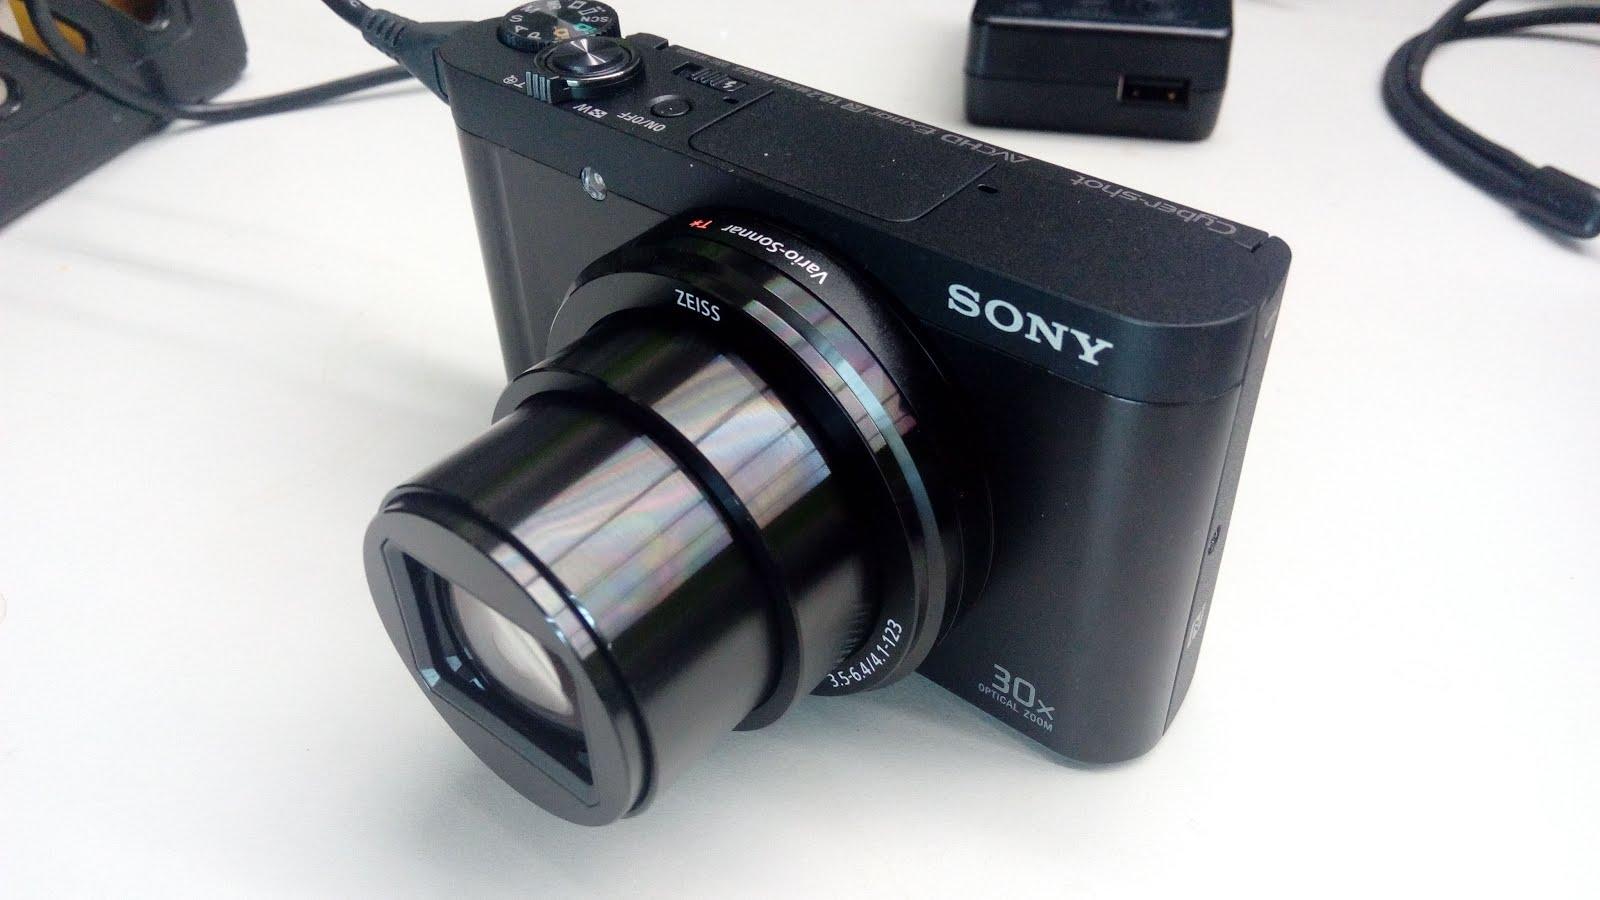 SONY DSC-WX500 開箱 - 【Frenzied Curry】